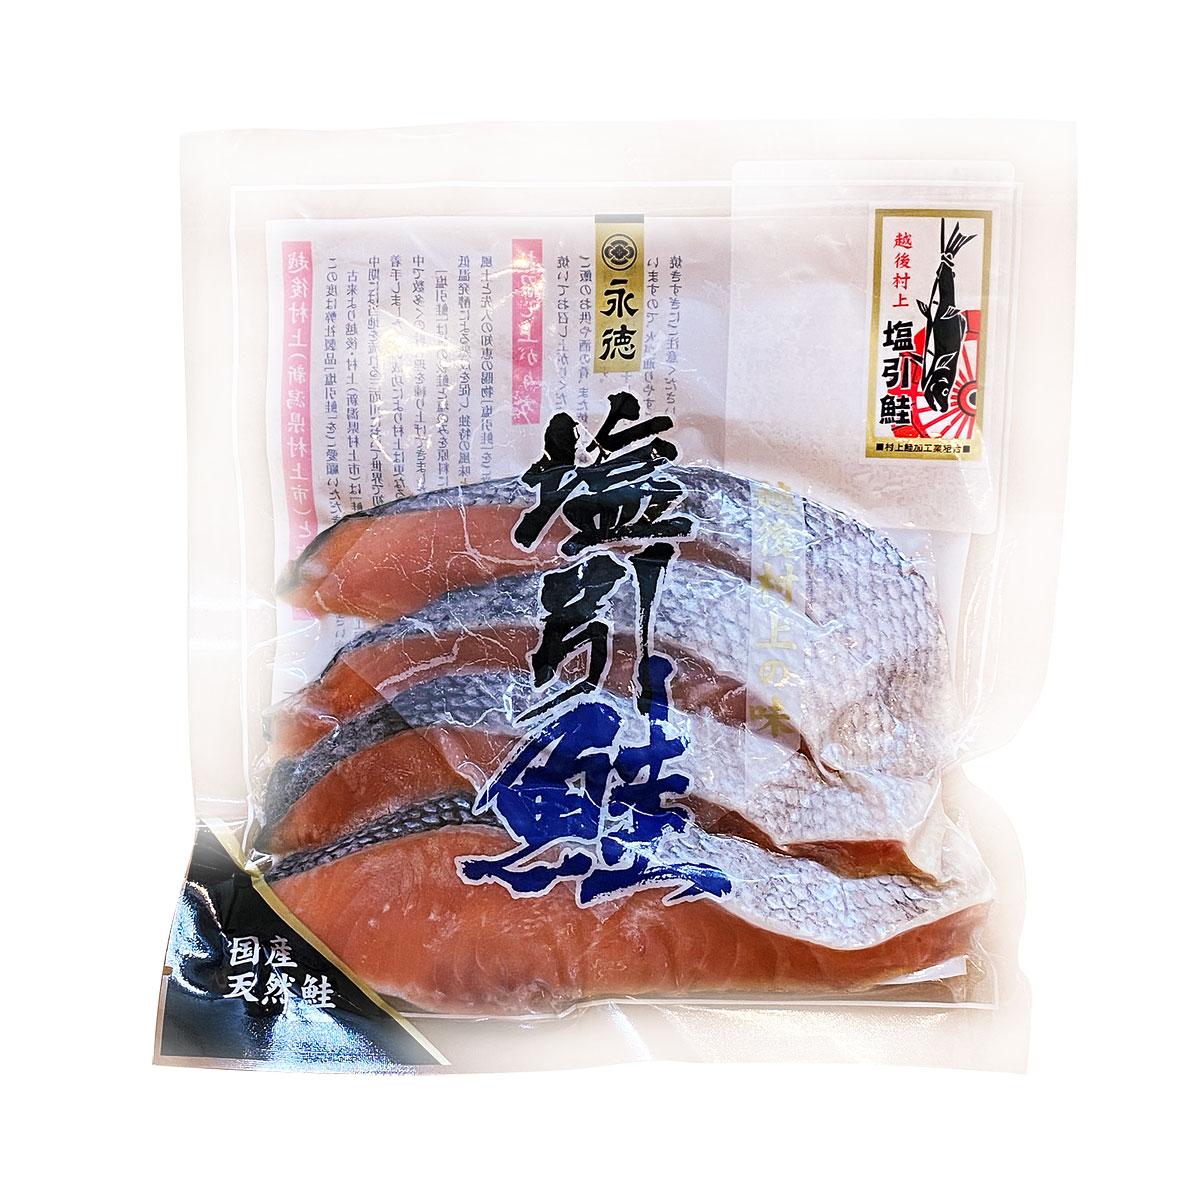 塩引鮭(塩引き鮭) 切身4切